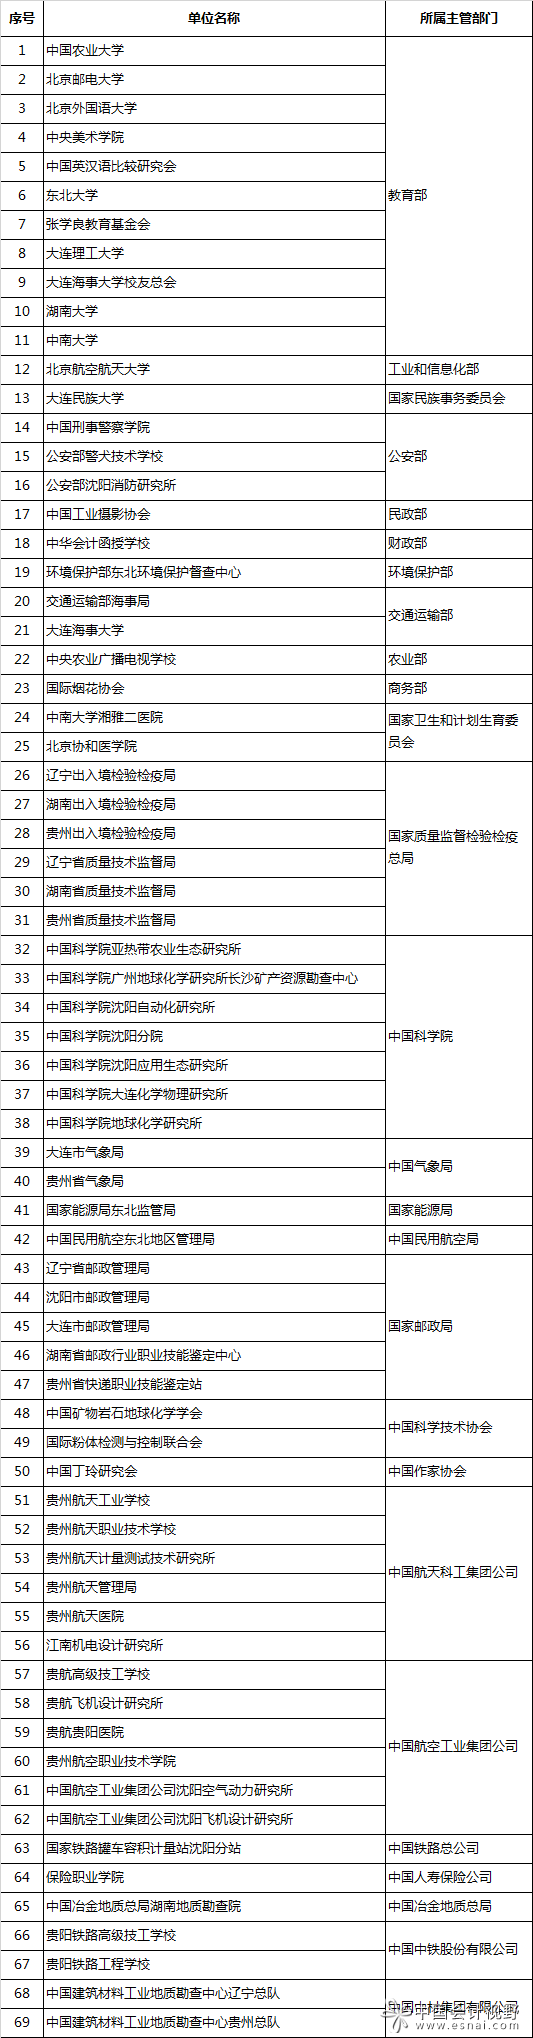 69家中央单位财政票据抽查工作启动